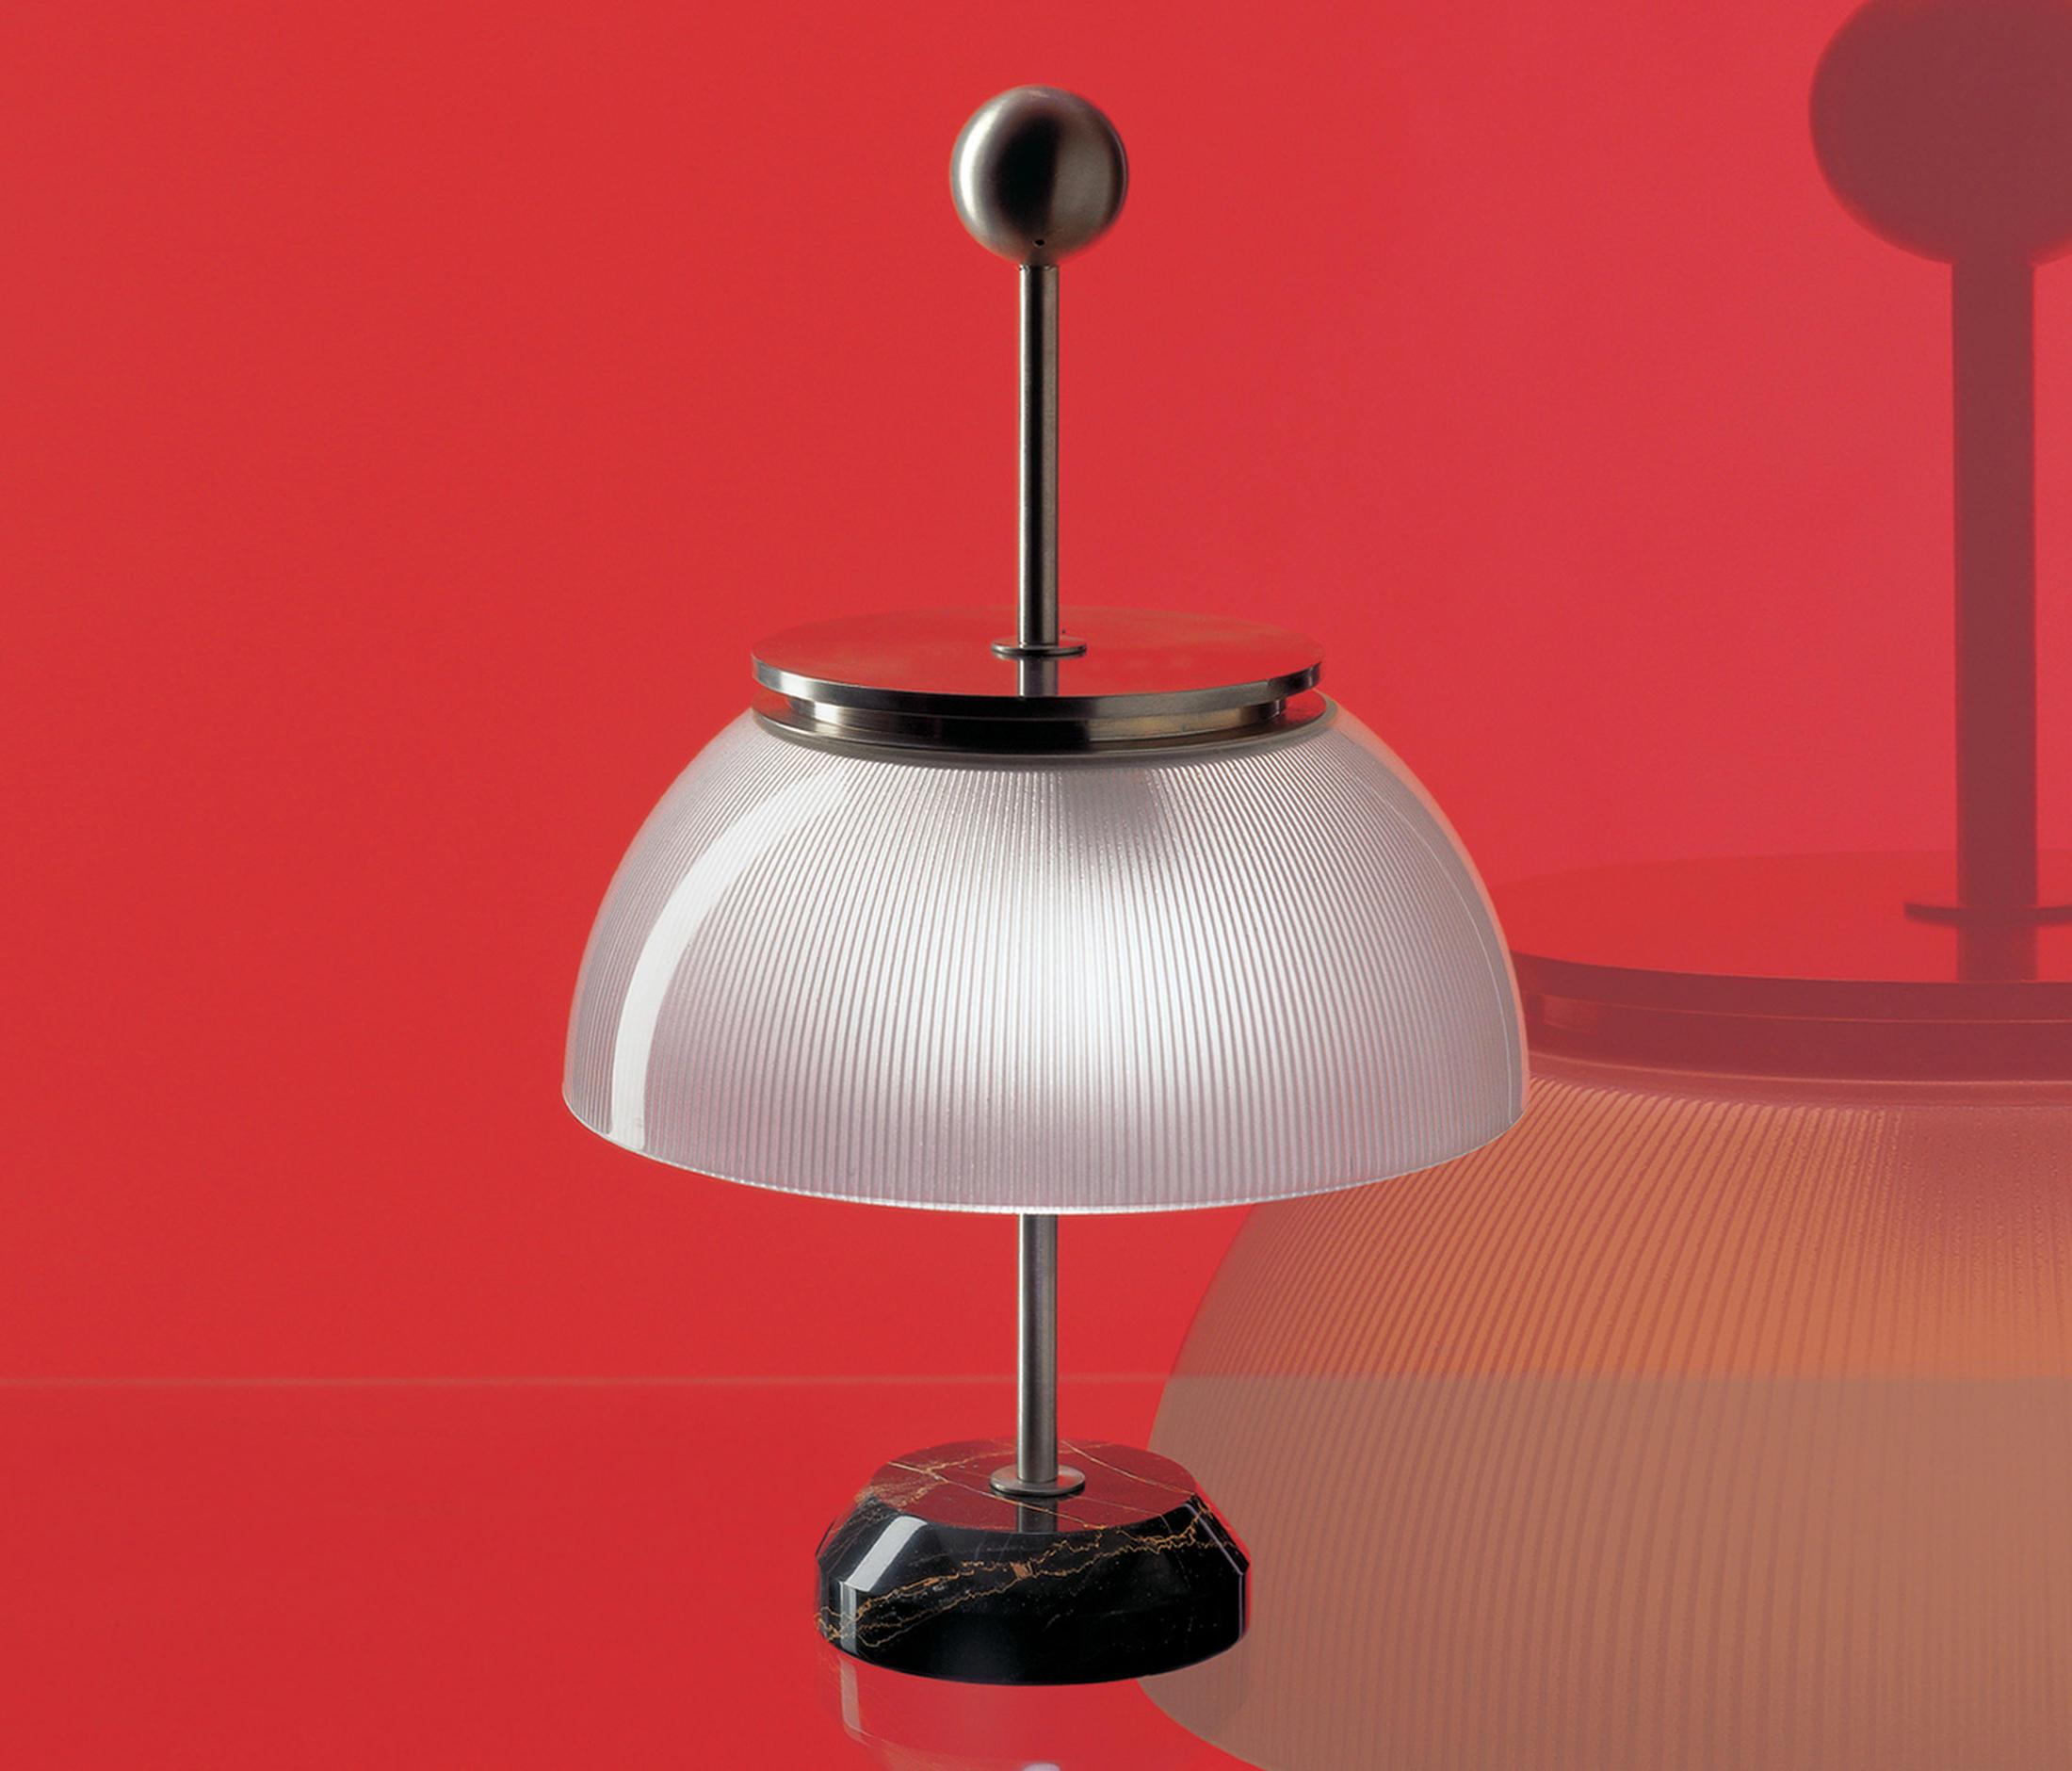 Alfa lampade da tavolo illuminazione generale artemide - Artemide lampade tavolo ...